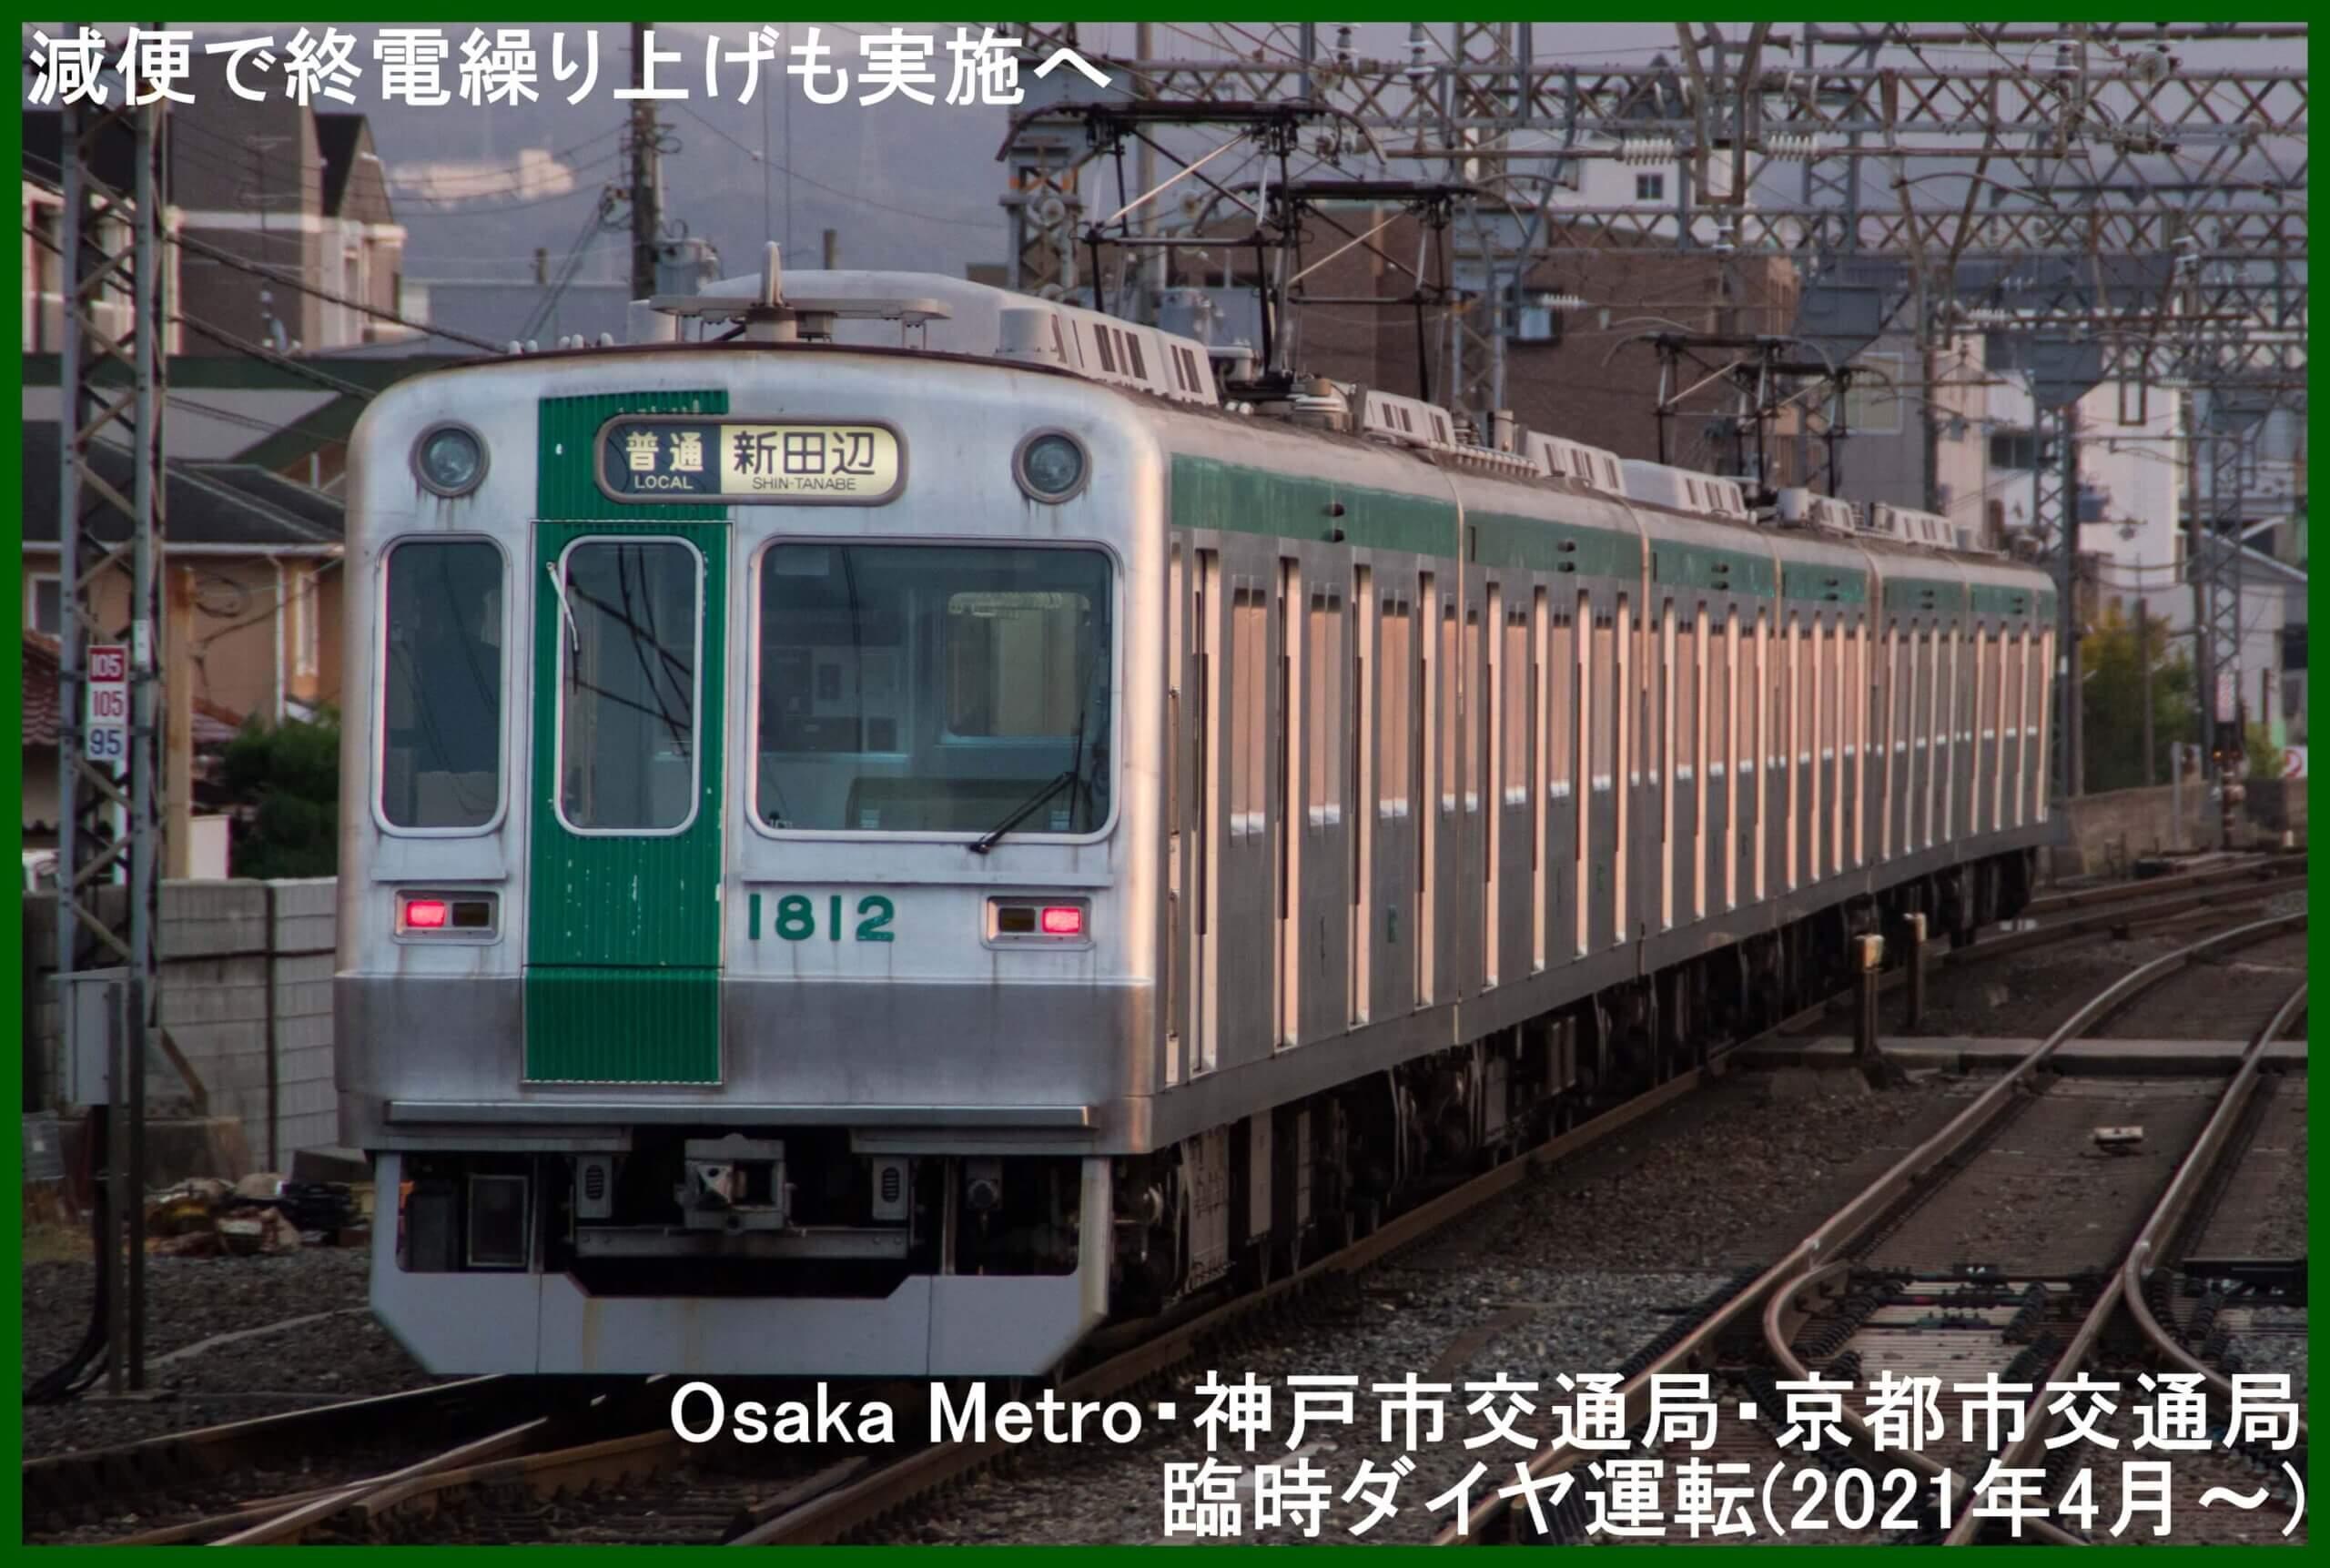 減便で終電繰り上げも実施へ Osaka Metro・神戸市交通局・京都市交通局臨時ダイヤ運転(2021年4月~)